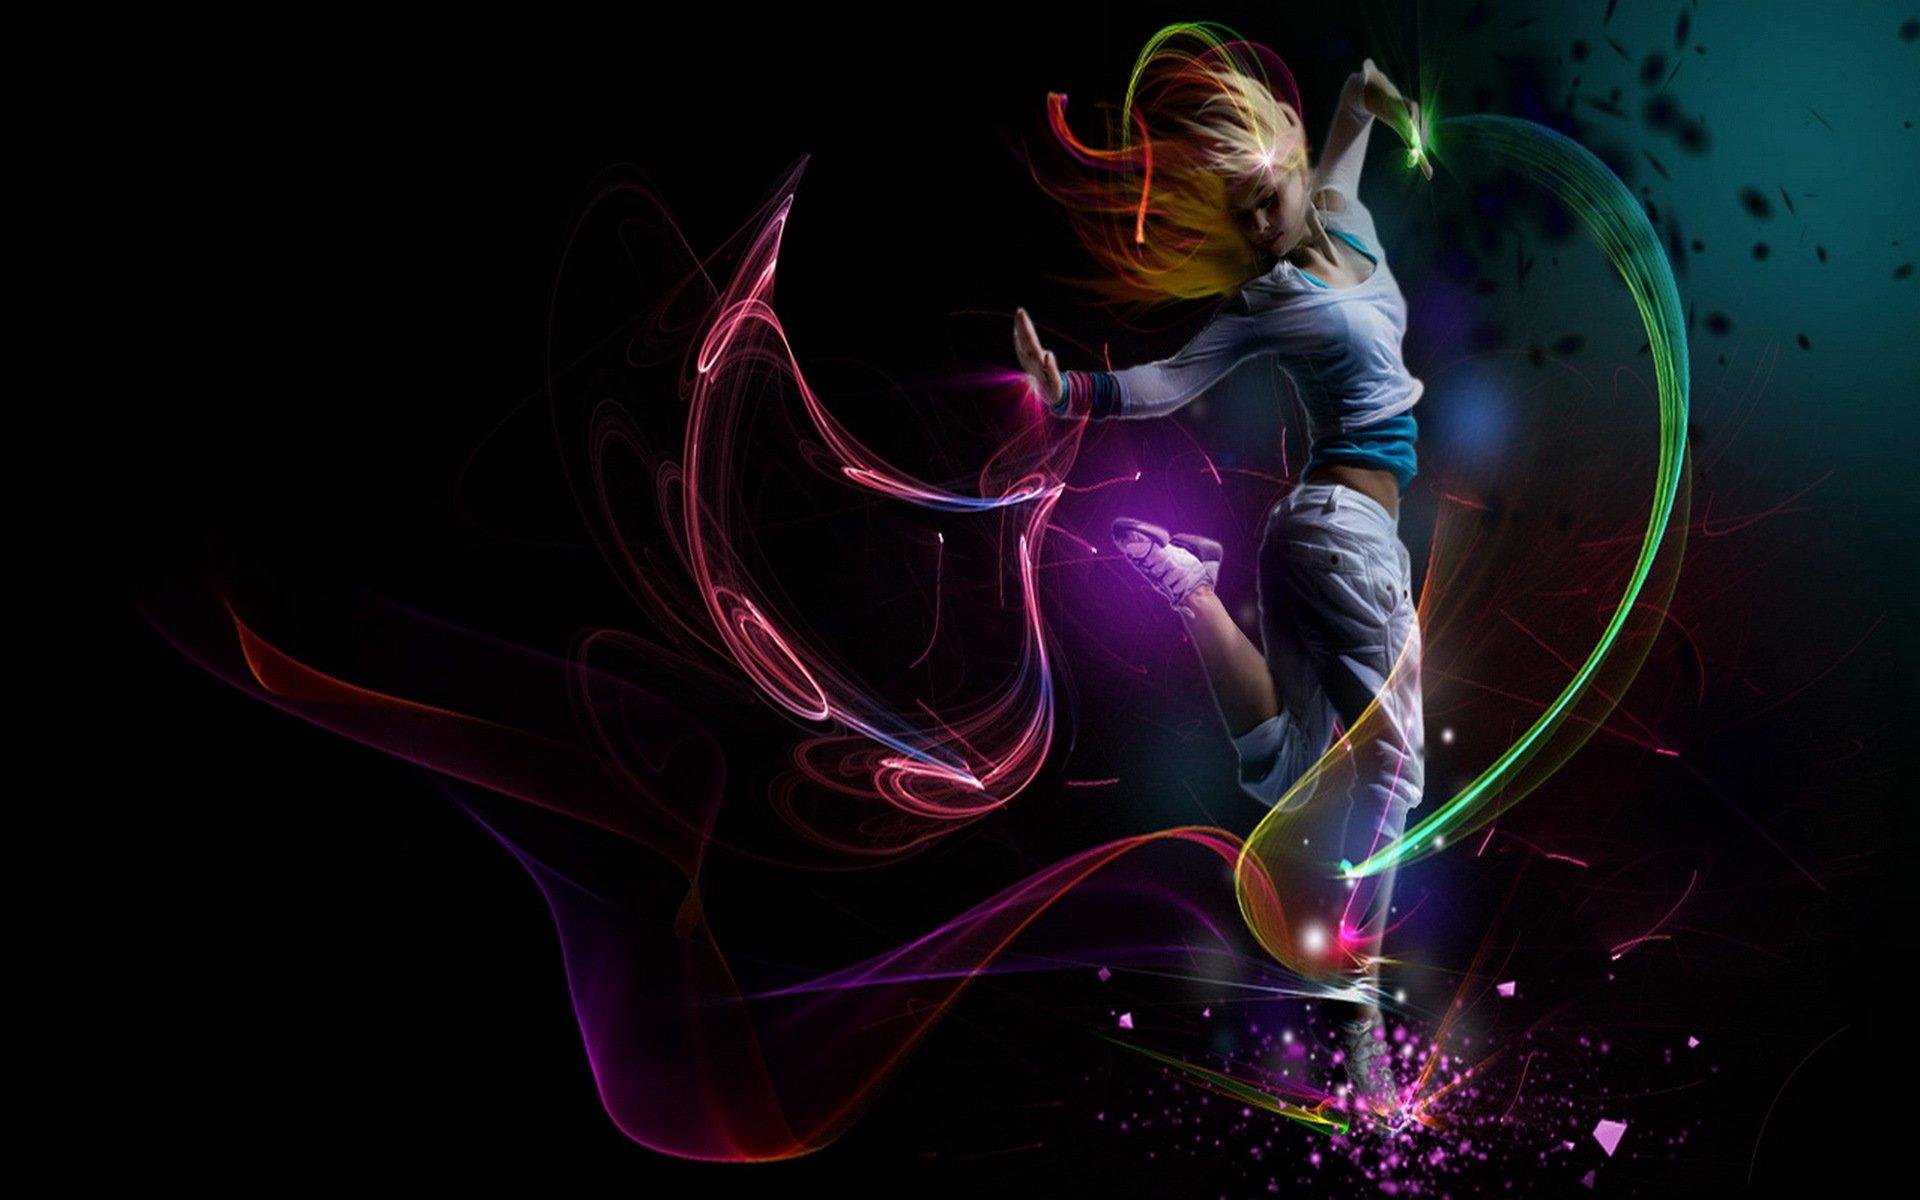 Танец красивой девушки  № 350543 бесплатно